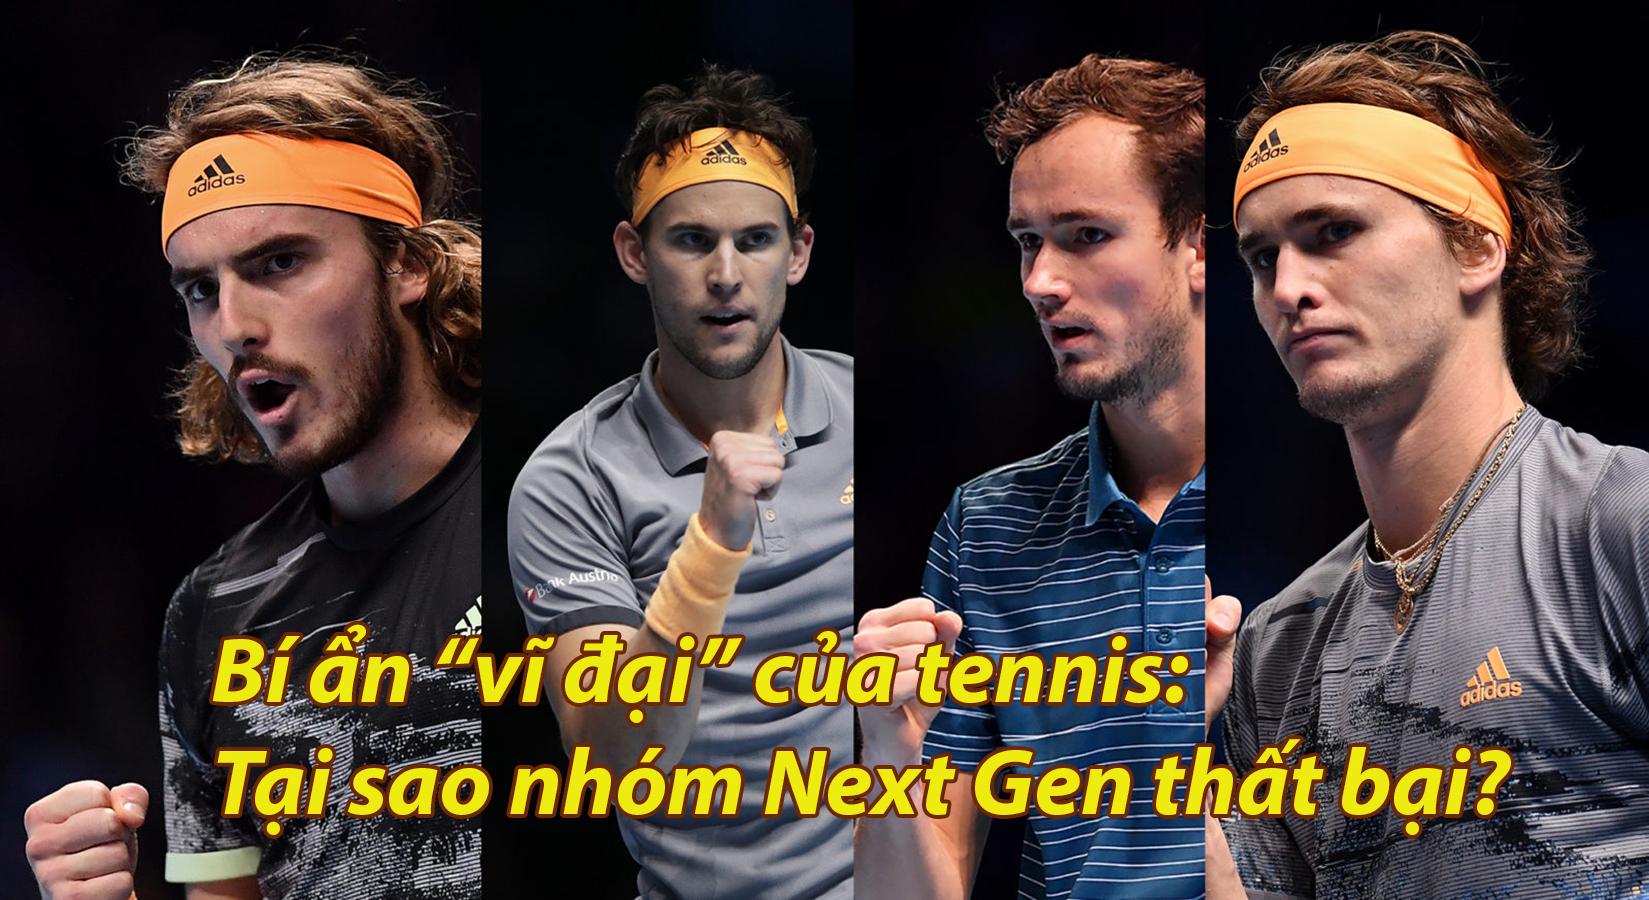 """Bí ẩn """"vĩ đại"""" của tennis: Tại sao nhóm Next Gen thất bại? - 1"""